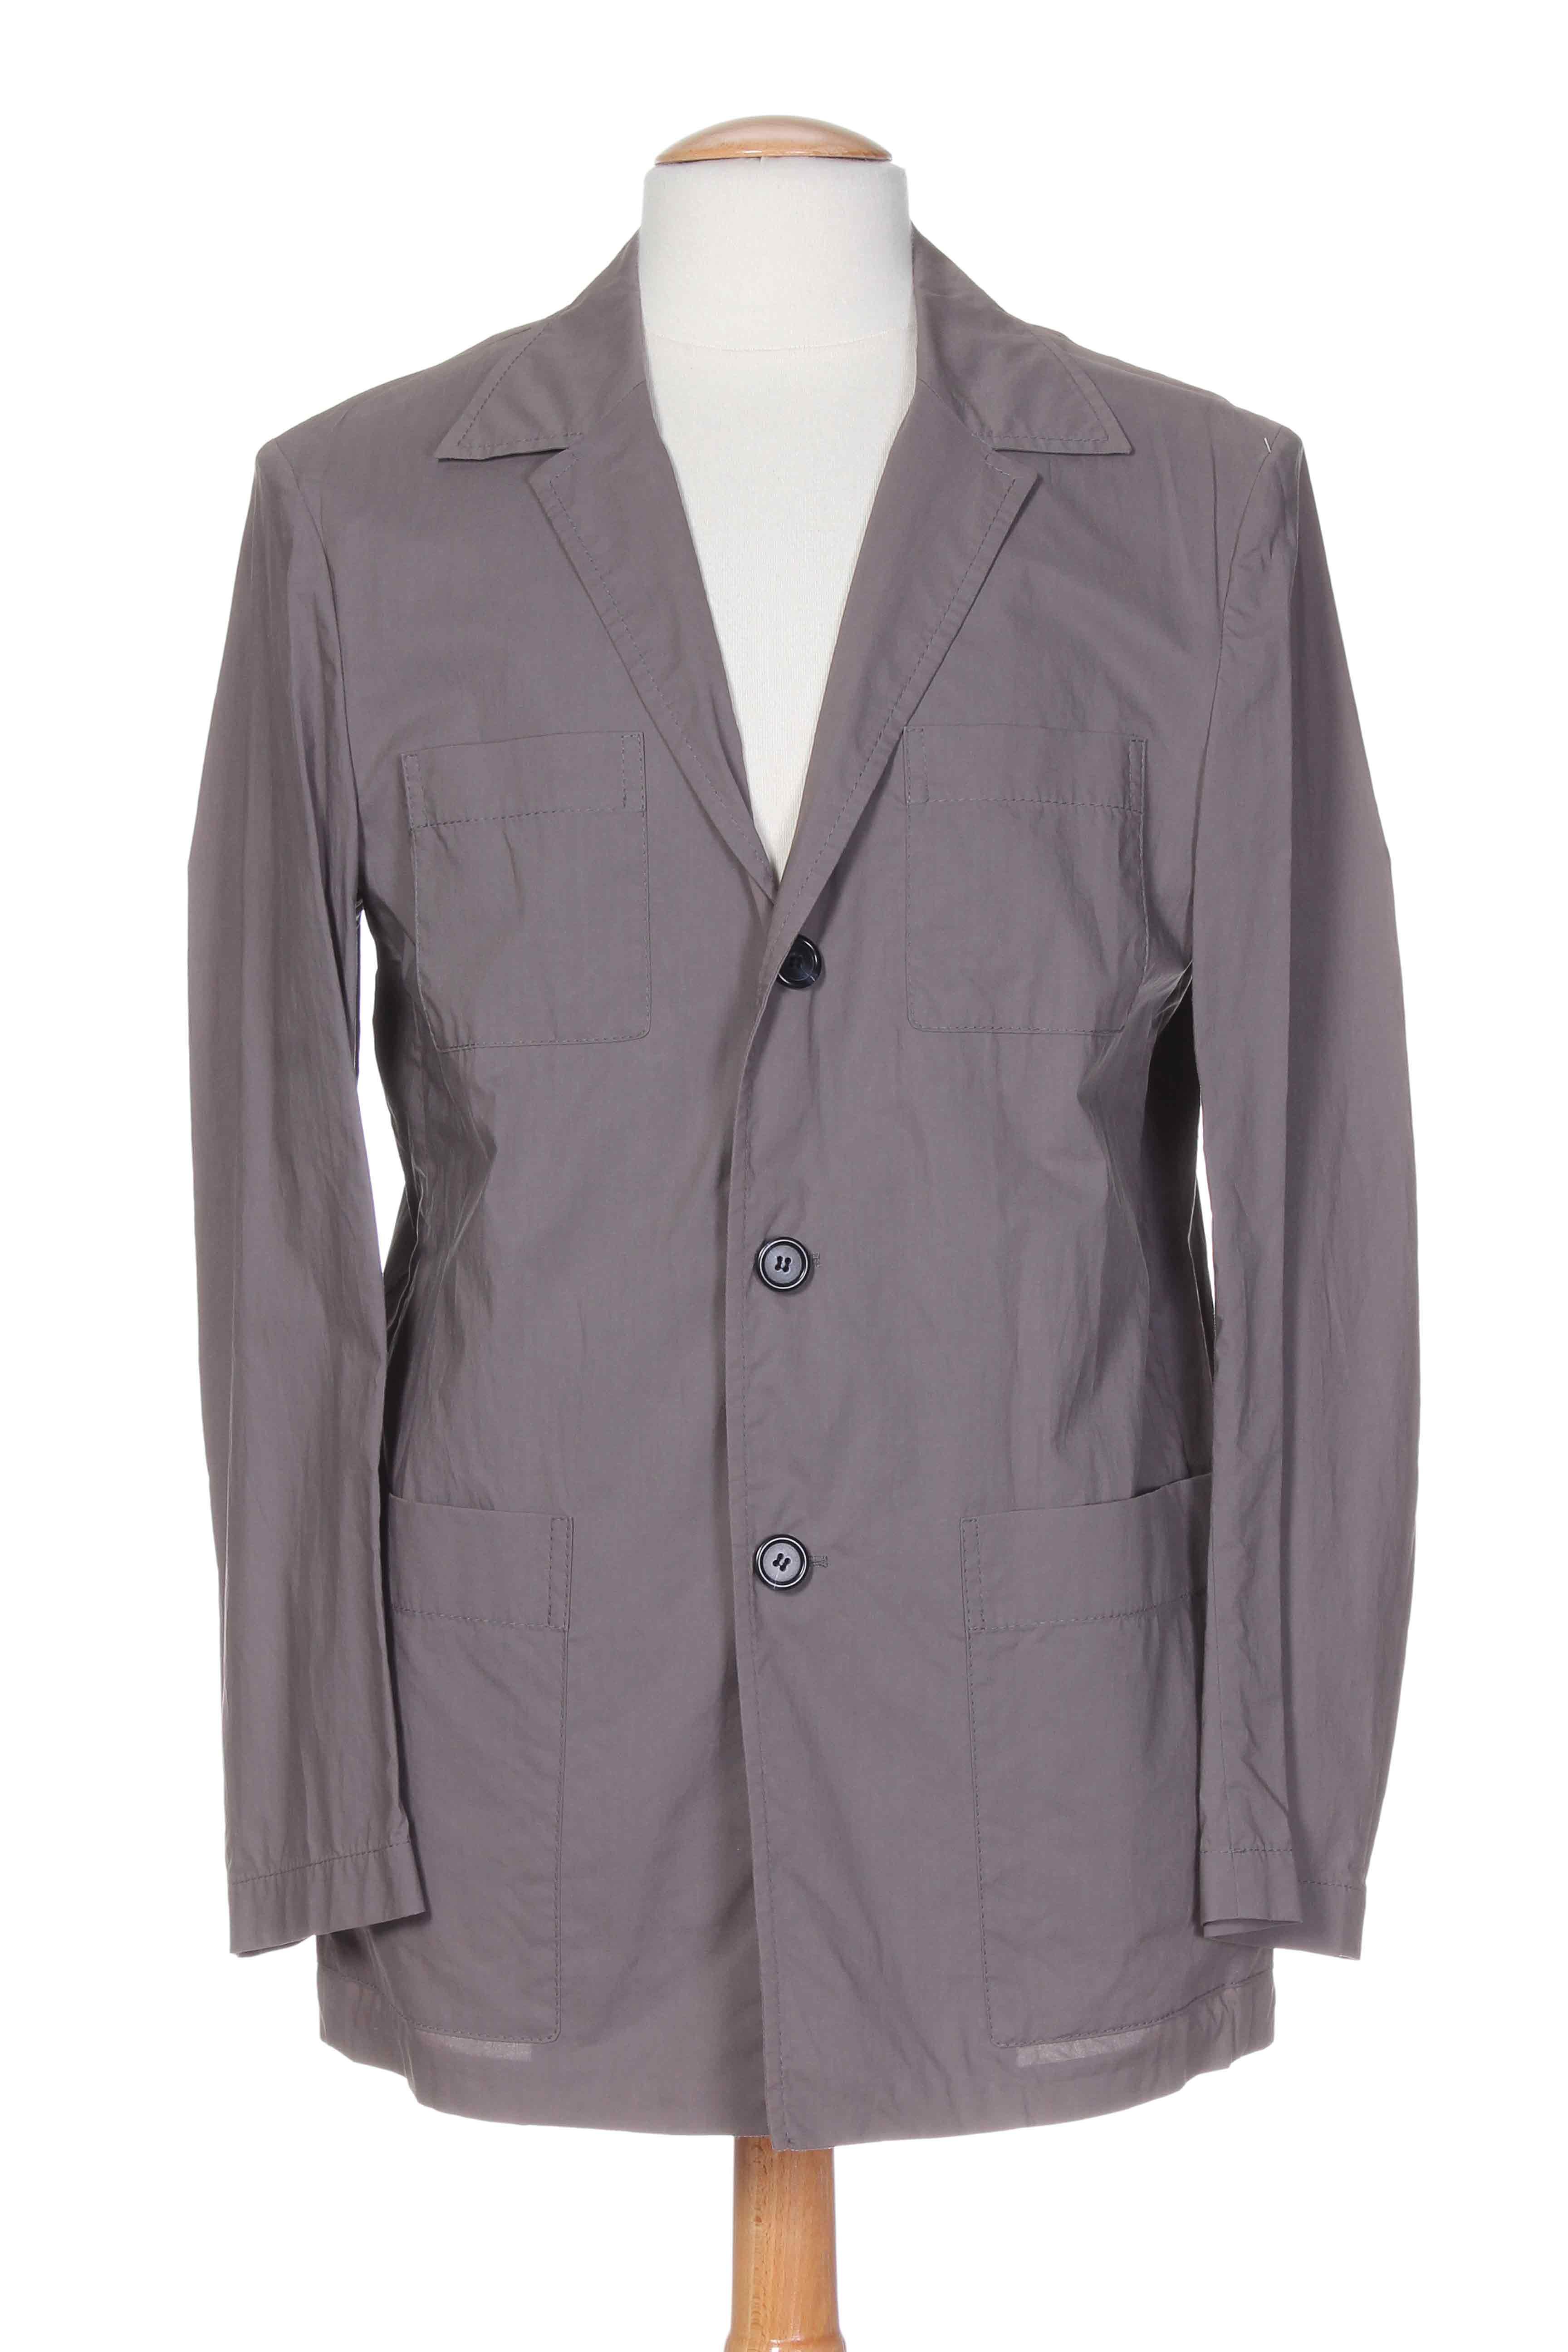 Achetez veste chic blazer occasion, annonce vente en